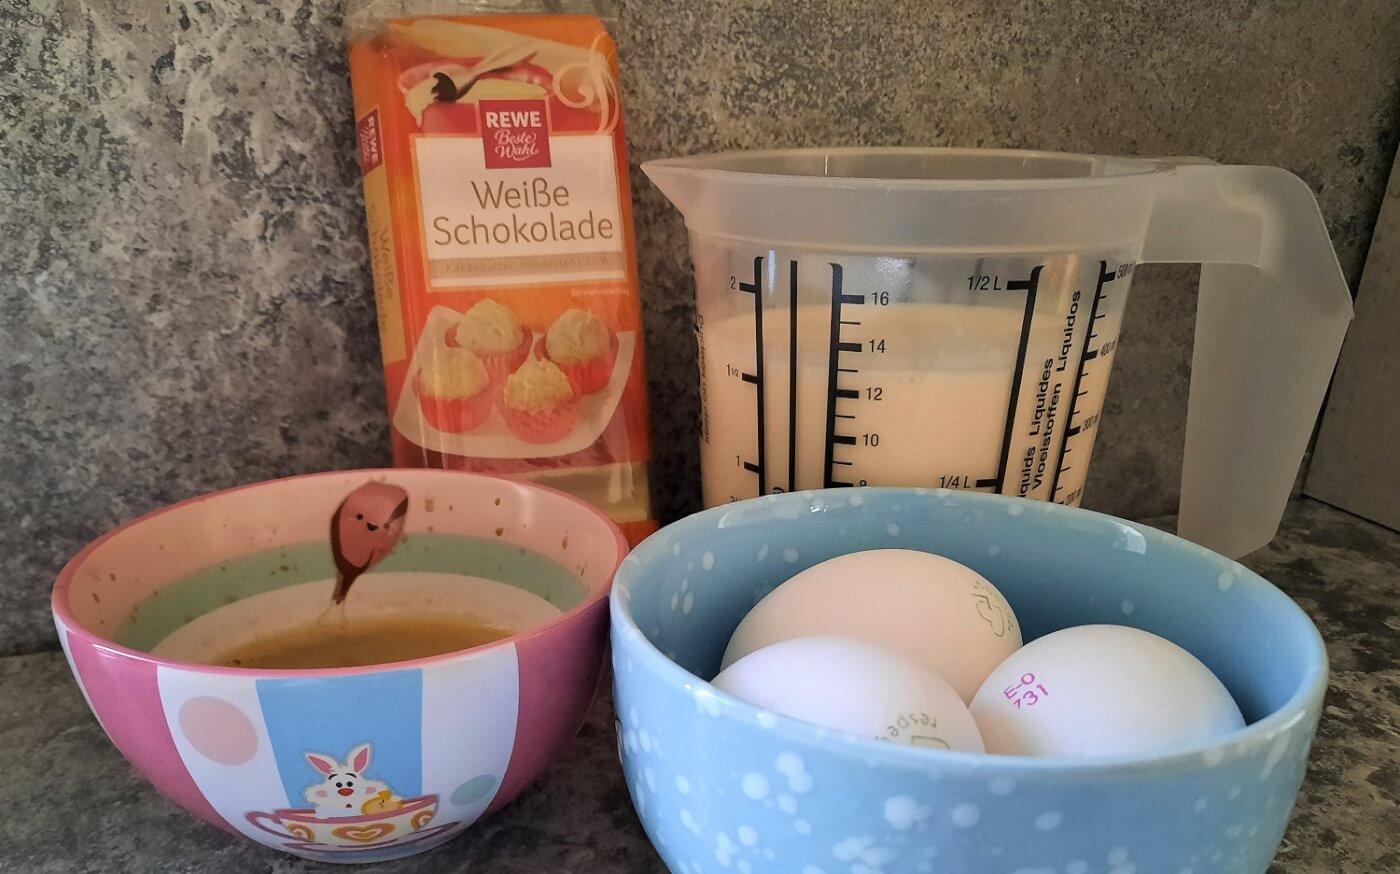 Schlagsahne, weiße Schokolade, Eier und frischer Espresso sind in Gefäßen auf einer Küchenarbeitsfläche sichtbar